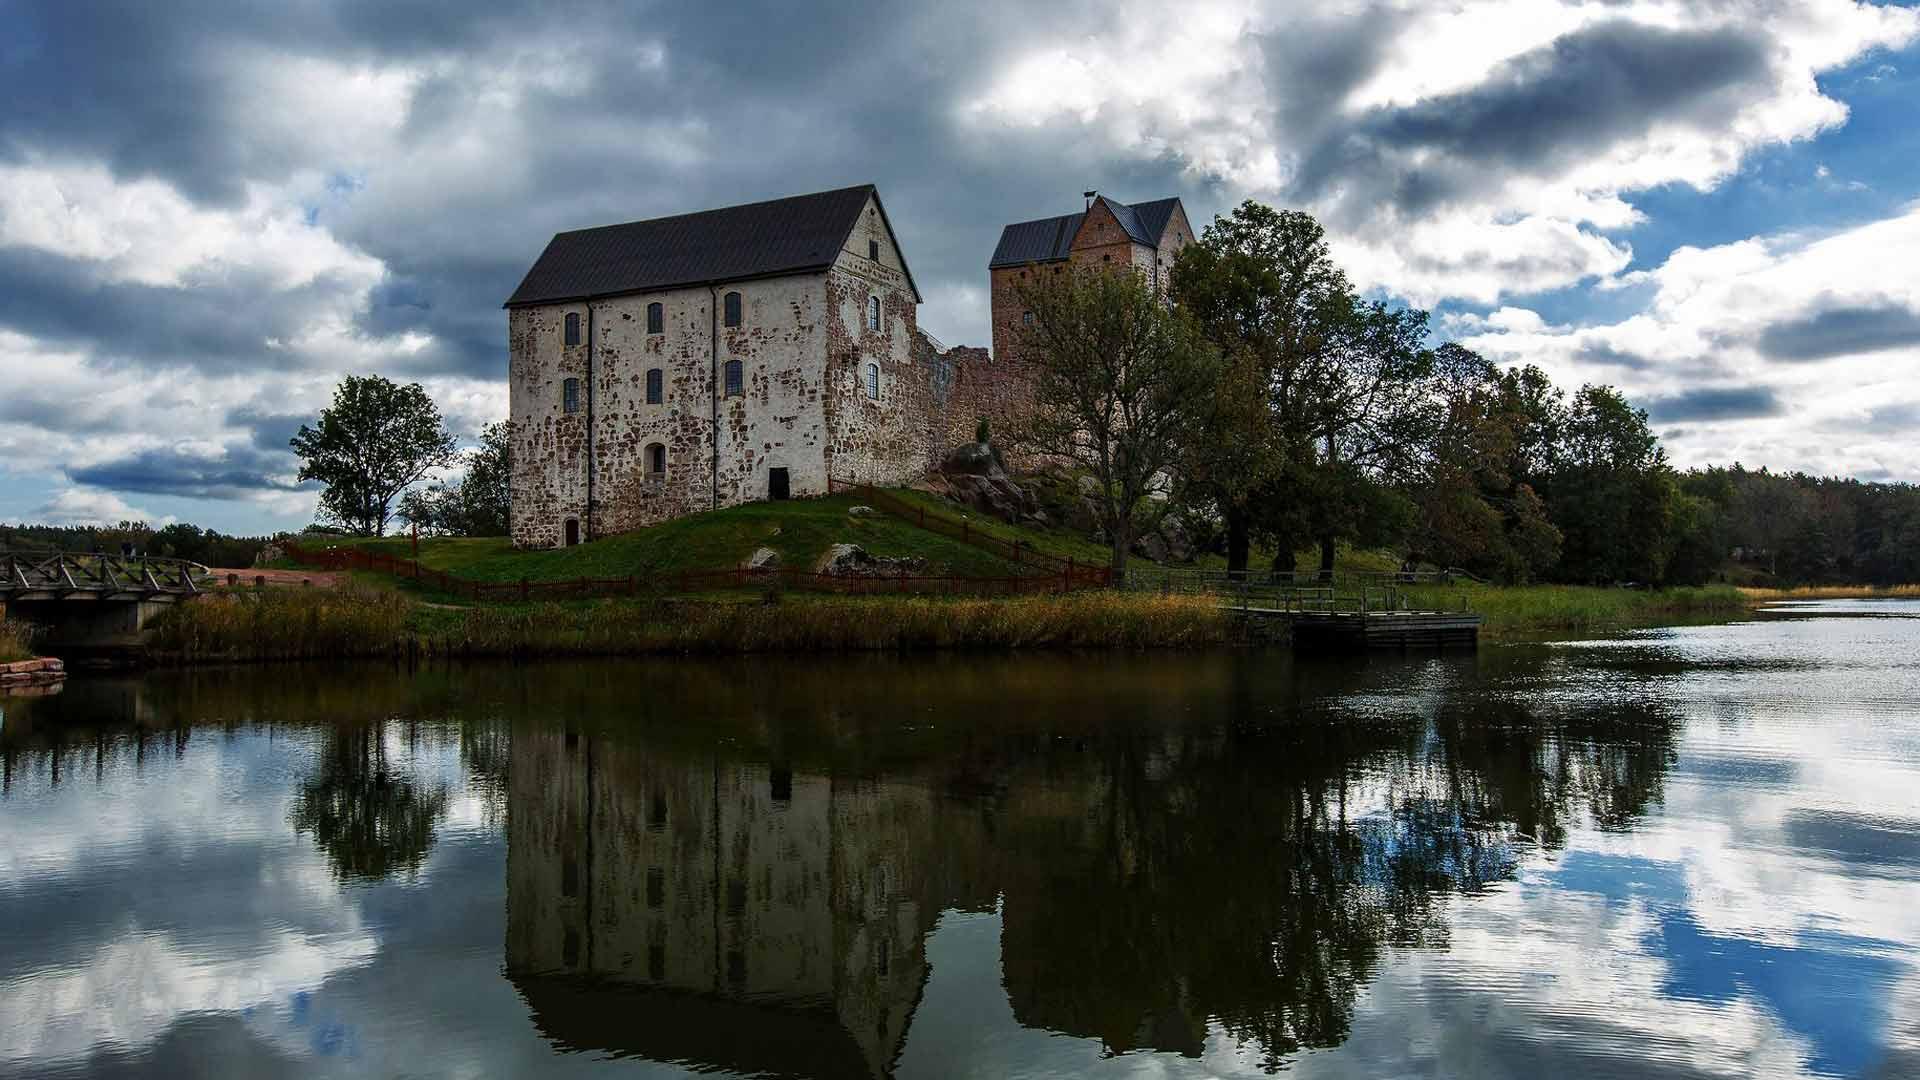 1380-luvulla perustettu Kastelholman linna on yksi maakunnan päänähtävyyksistä. Sen siimeksessä on Micke Björklundin luotsaama makukylä Smakby.